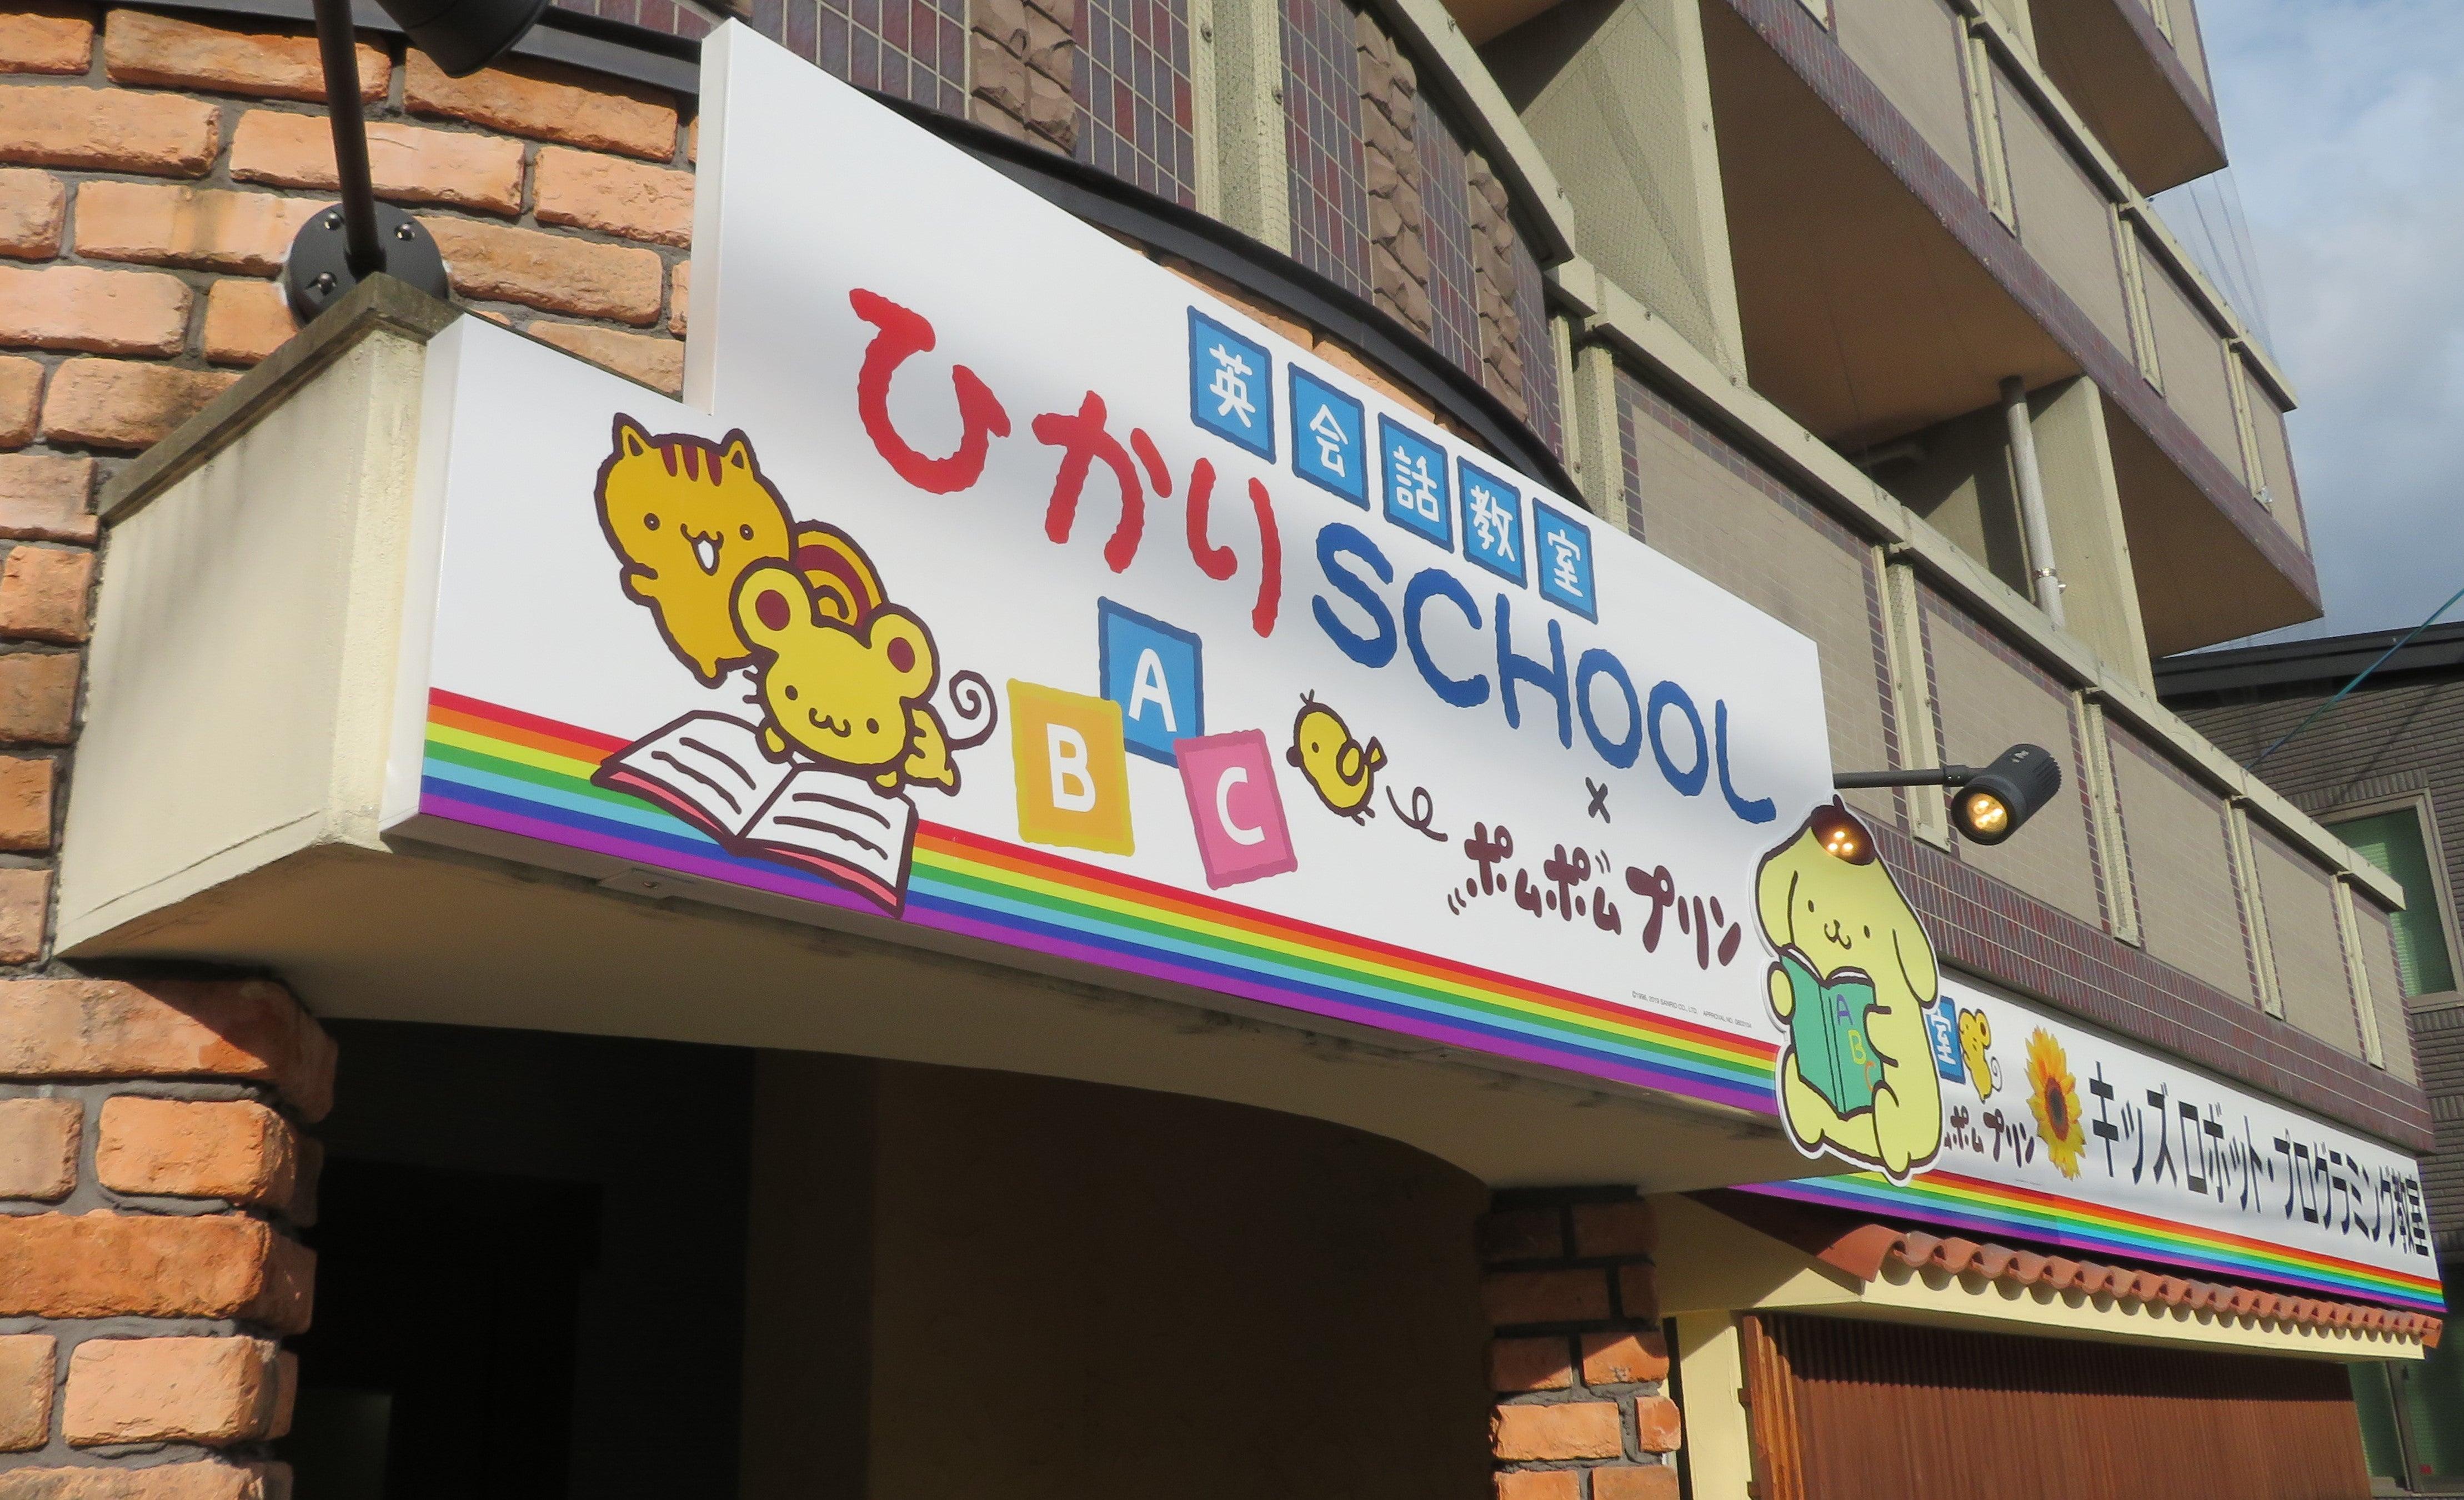 あけましておめでとうございます!  英語・ロボット・プログラミング教室のひかりスクール